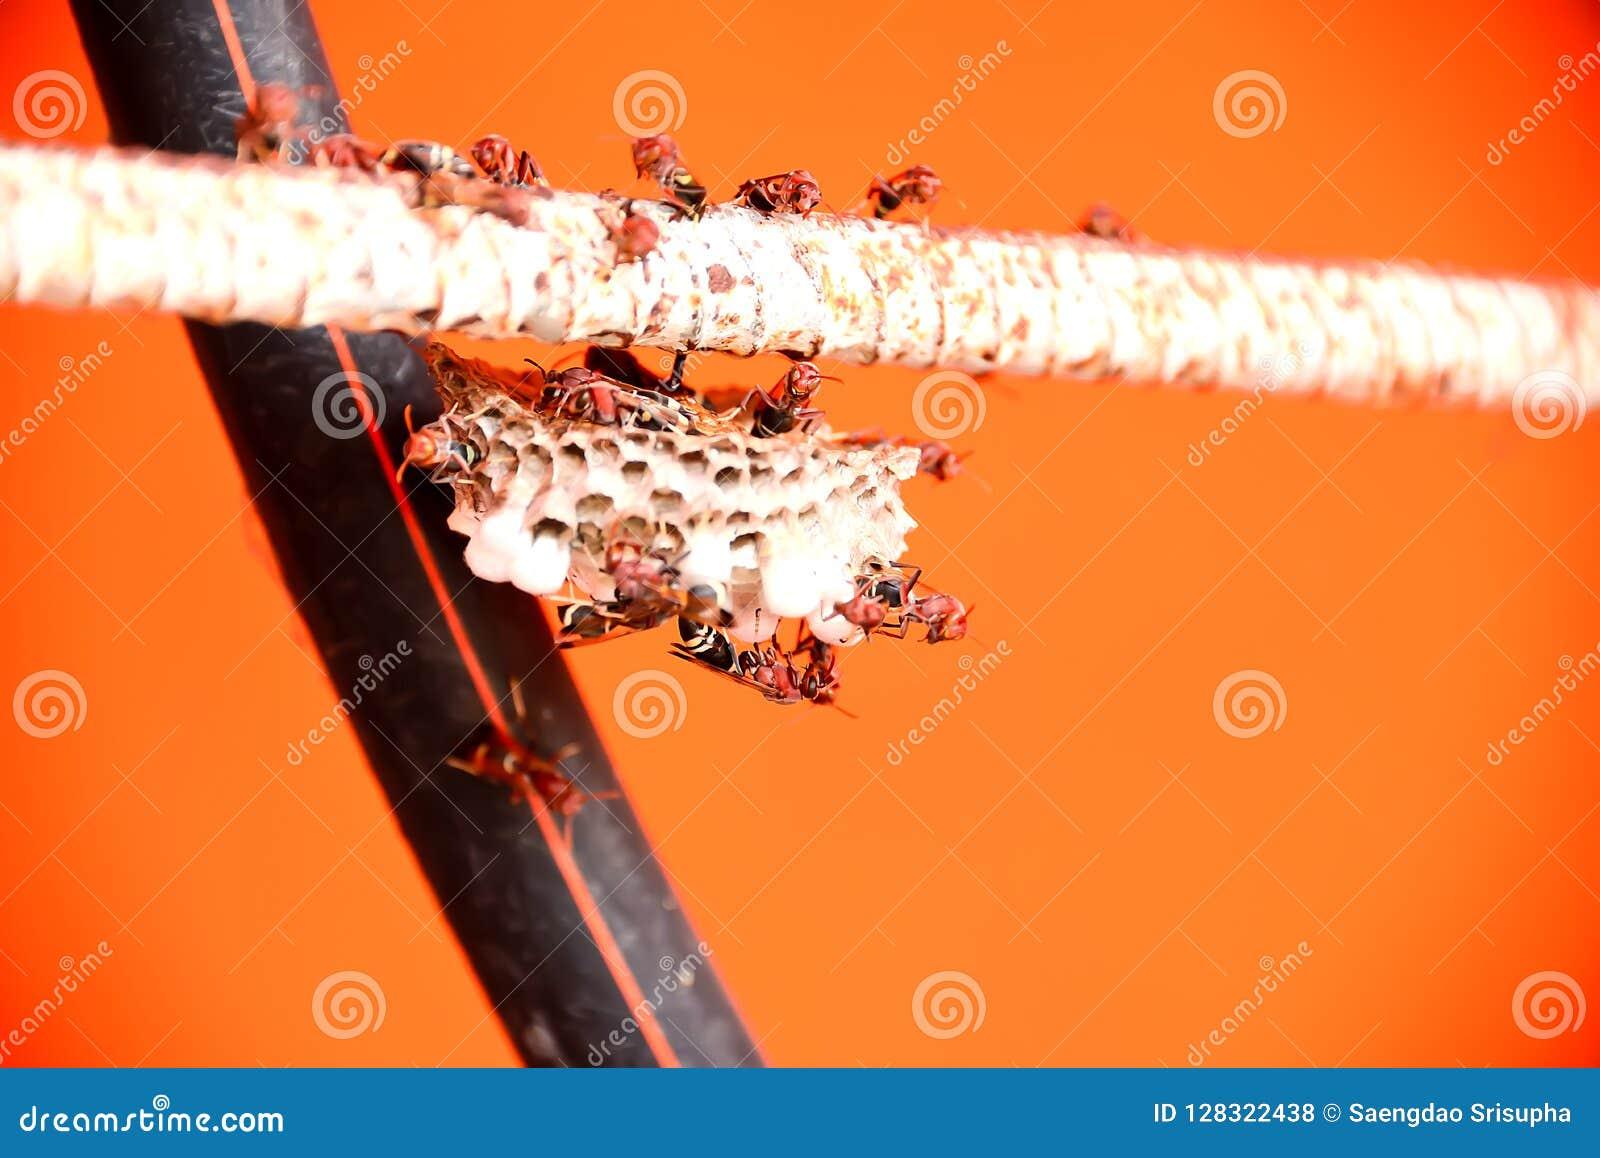 Os zangões estão tomando das larvas em seu ninho